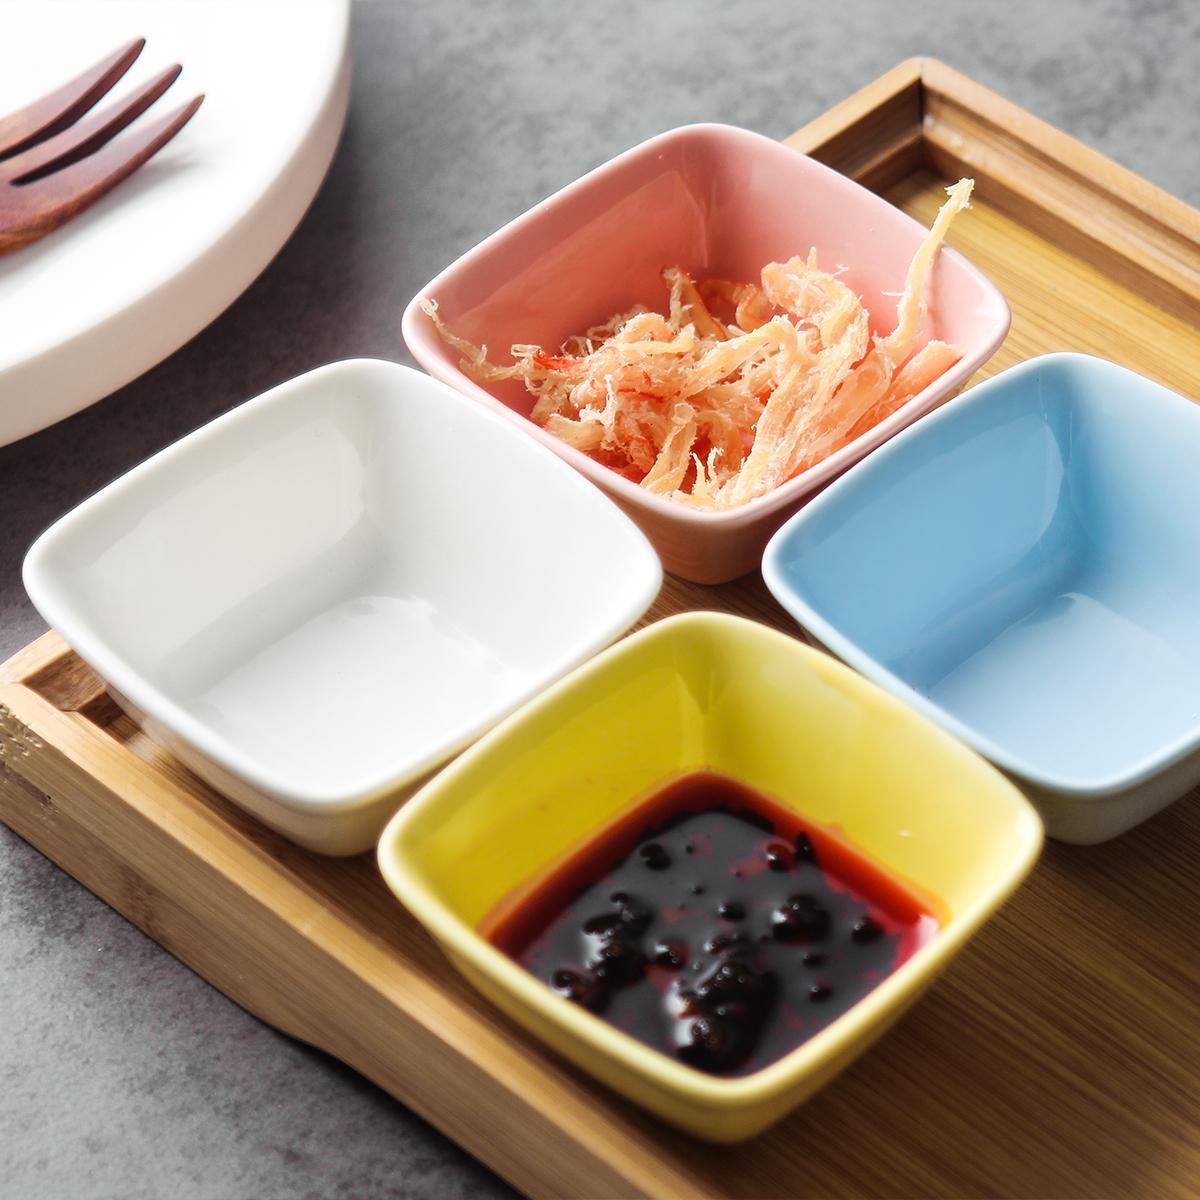 Hộ gia đình sáng tạo món ăn nhỏ món ăn đơn giản Bộ đồ ăn Bắc Âu nước sốt giấm dấm món ăn nhúng nước sốt món ăn gia vị món ăn - Đồ ăn tối